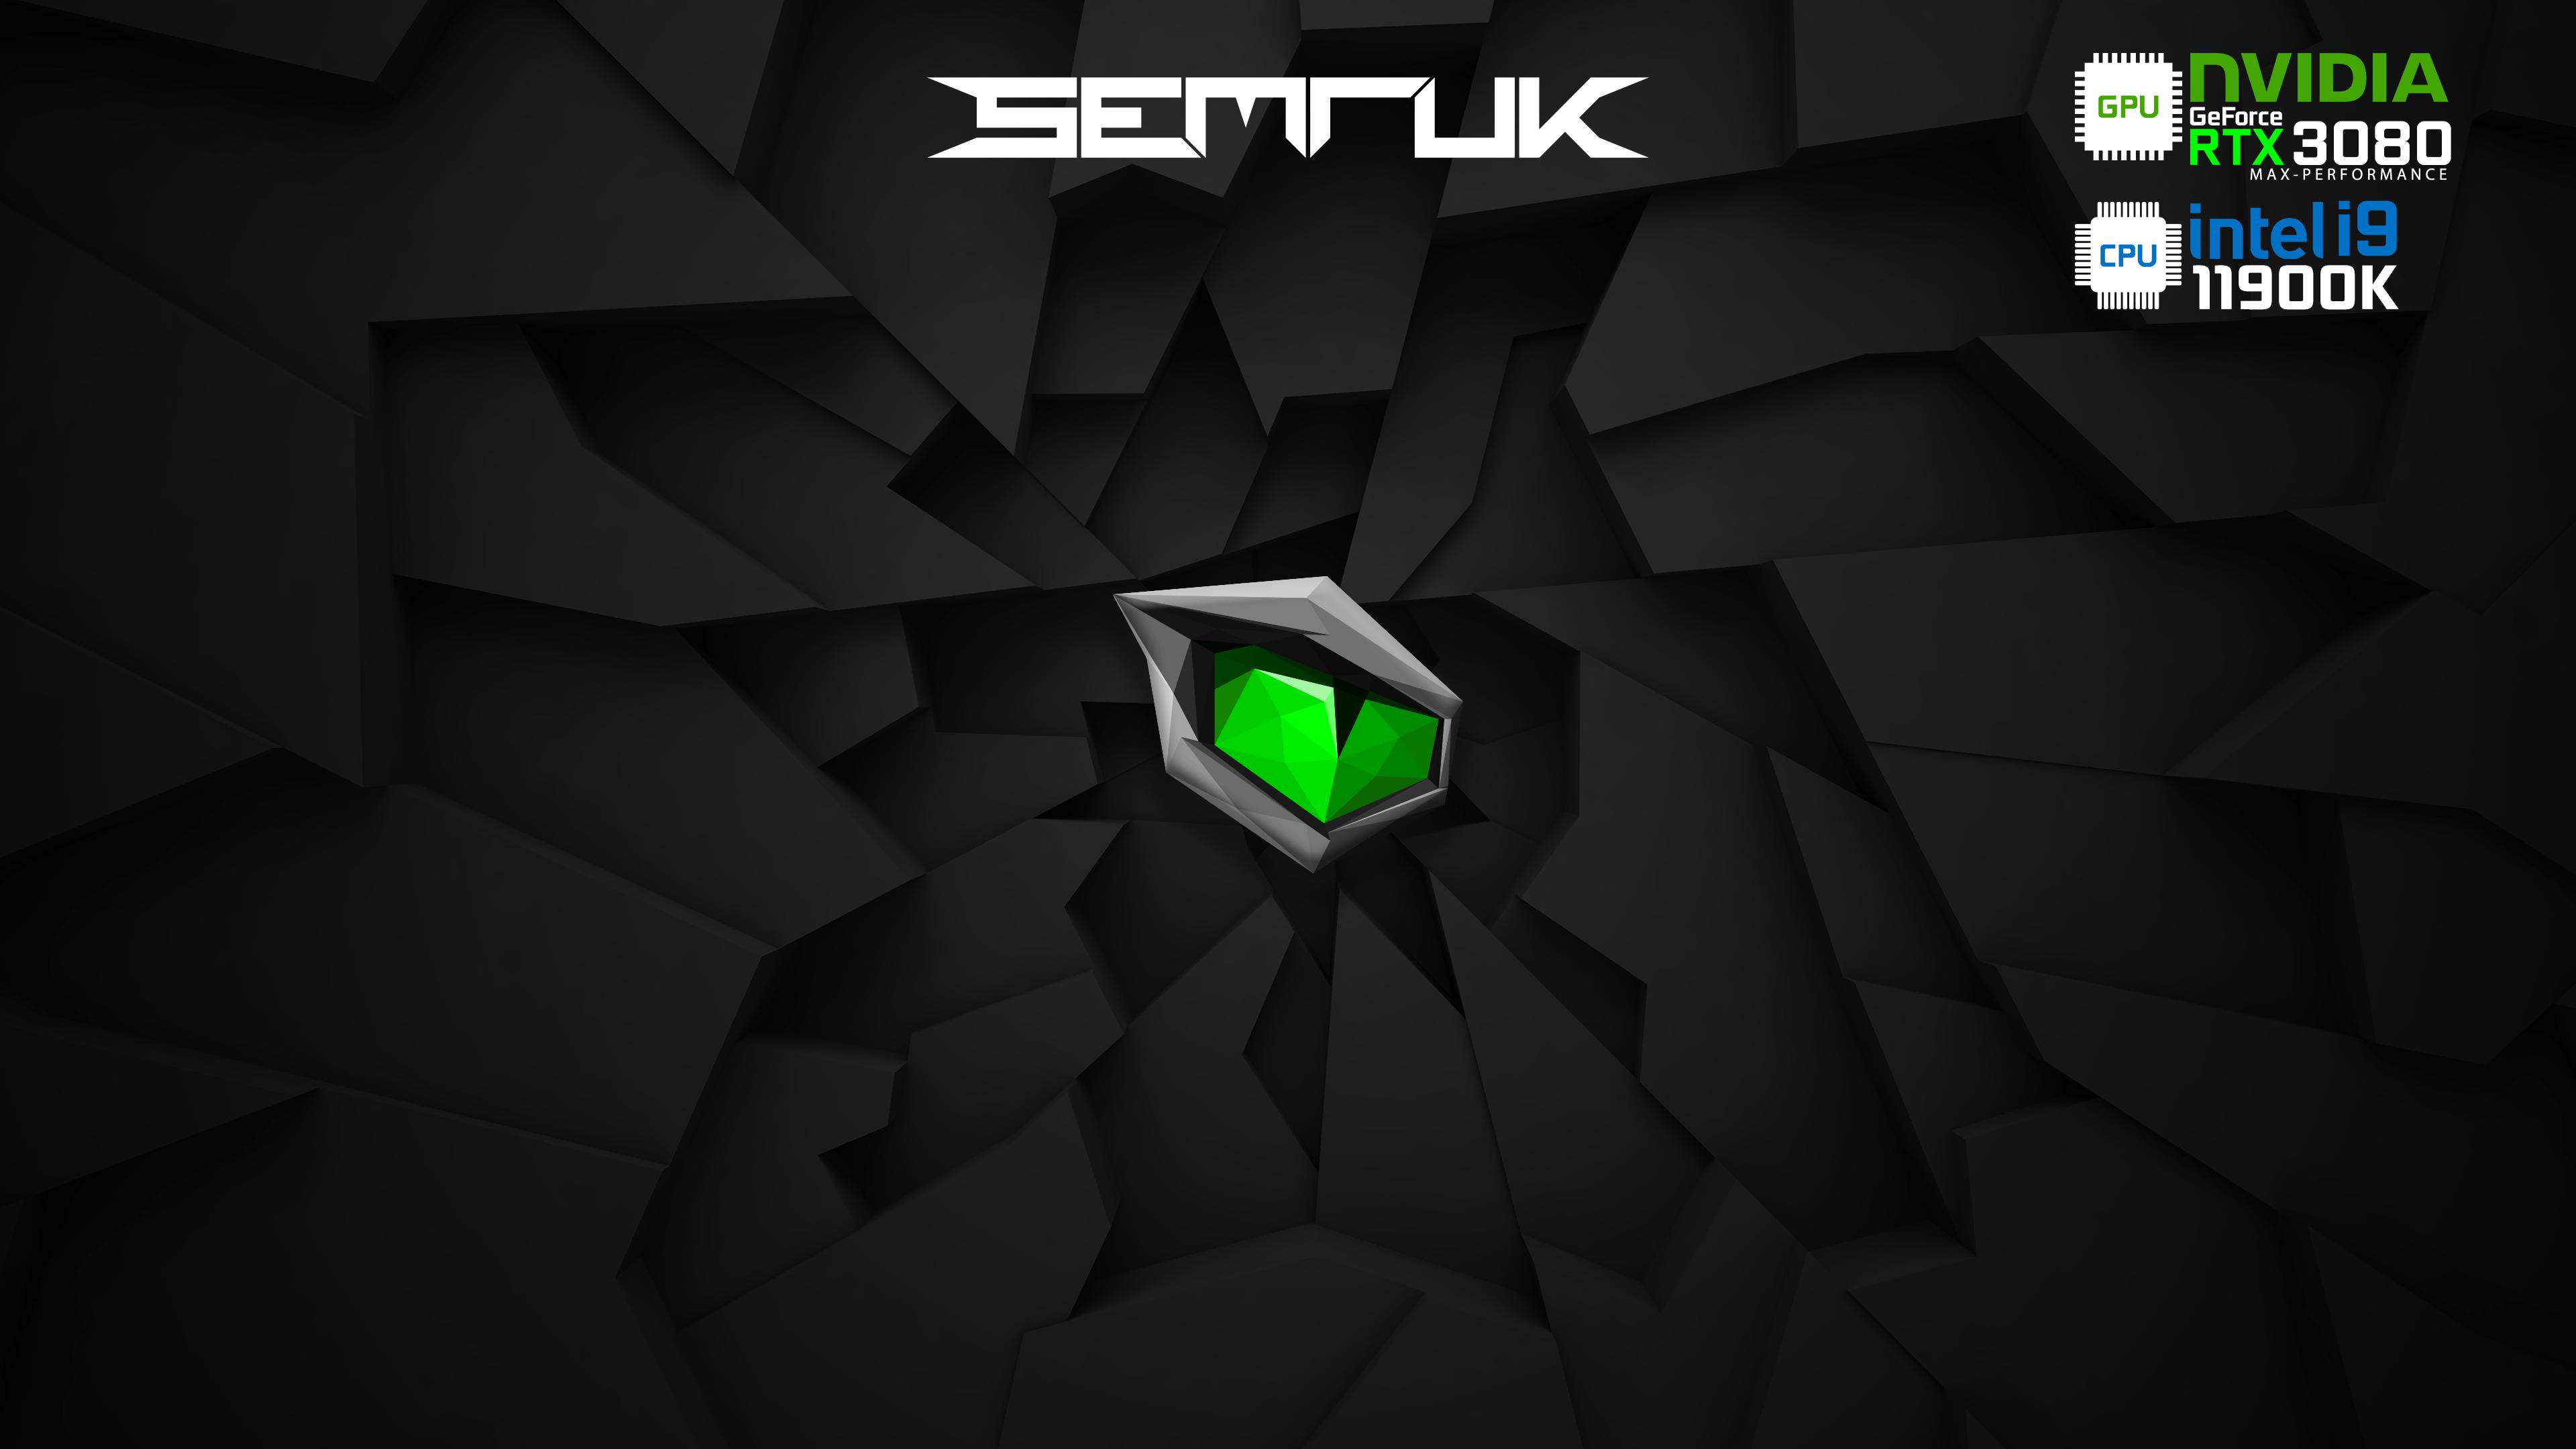 Monster - Semruk - 3080 - i9 - 11900k